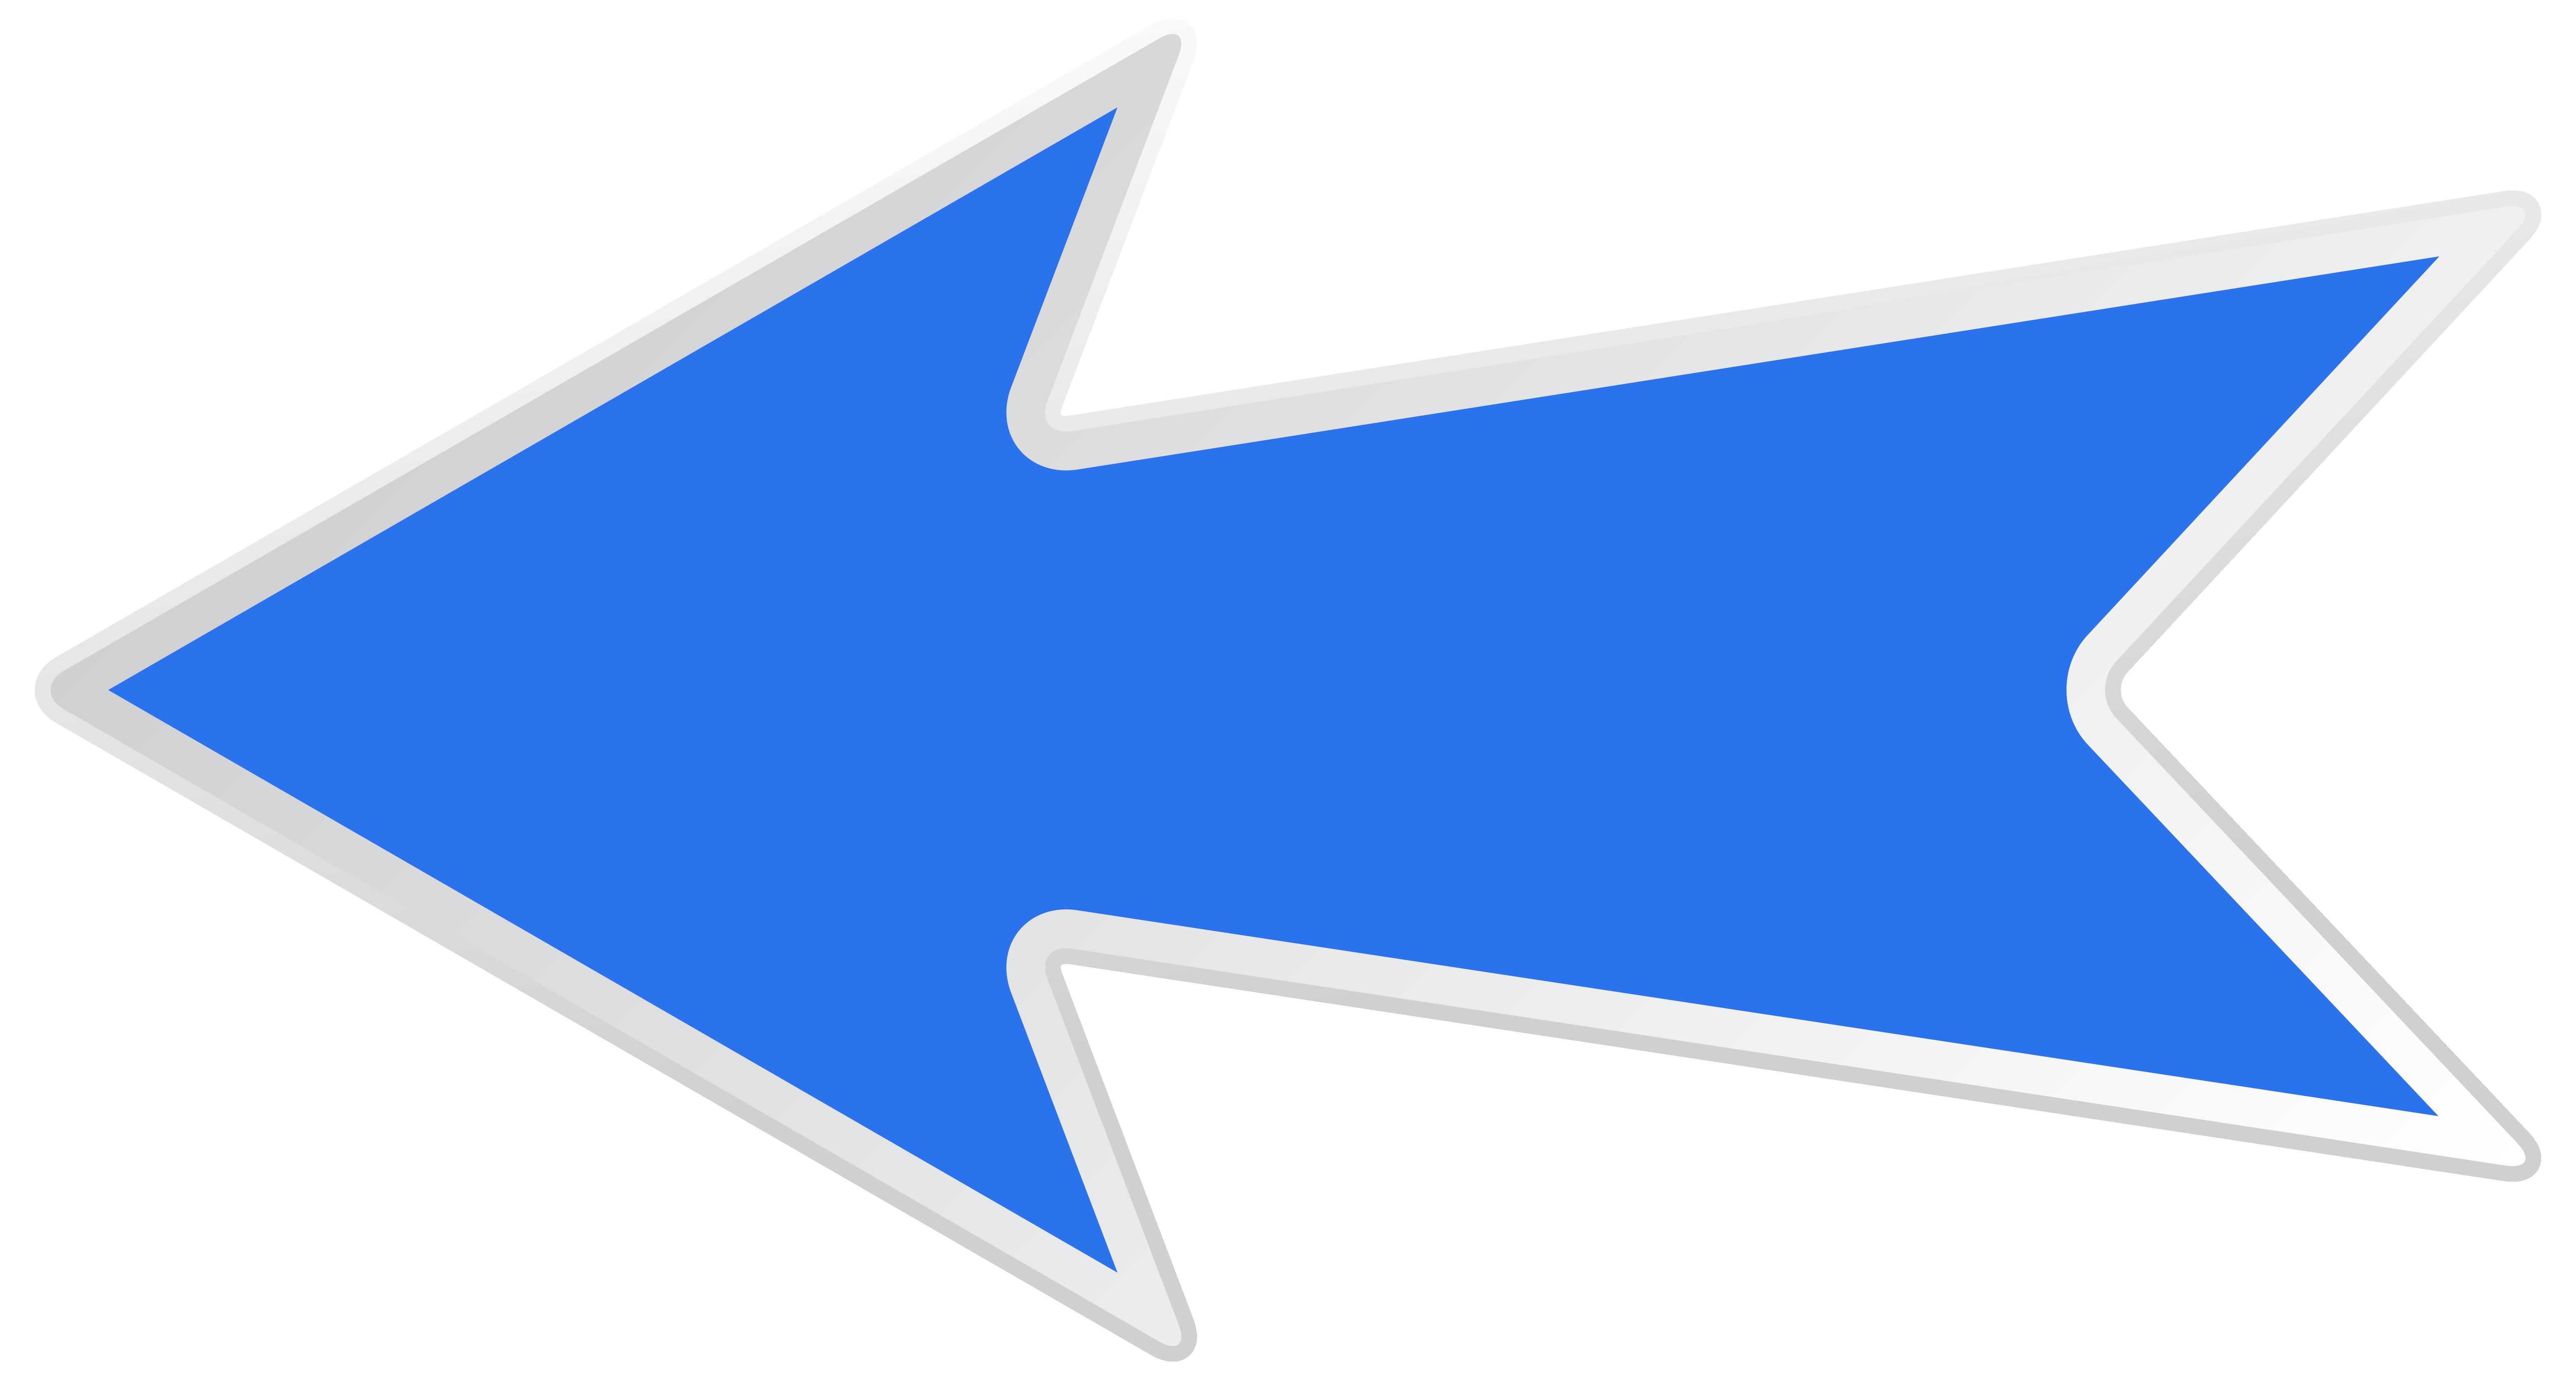 6273x3361 Down Arrow Down Plain Arrow Clip Art